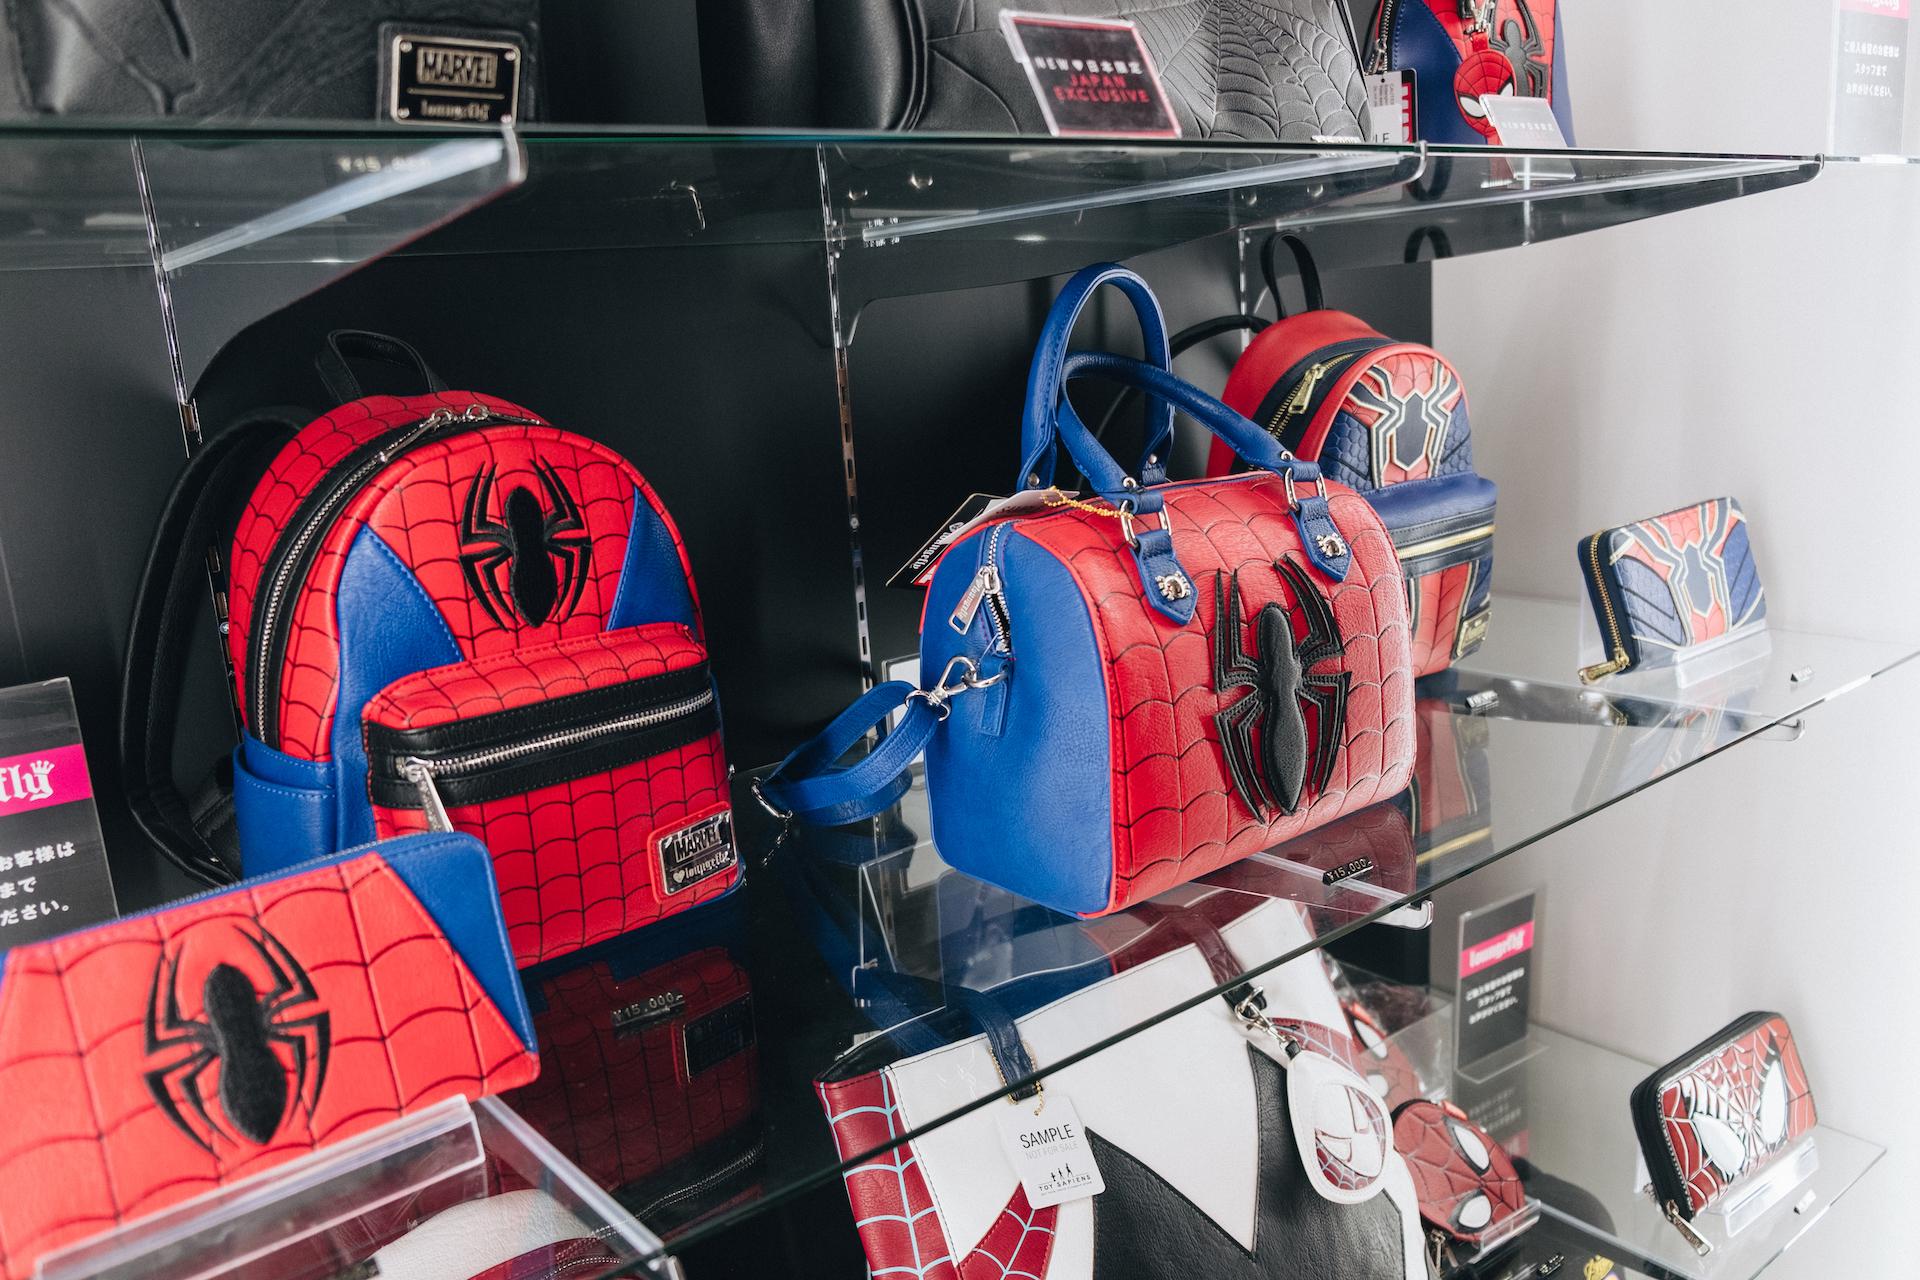 スパイダーマン好きなら目ギラギラ大興奮必至の期間限定ショップ探訪 art-culture-spiderman-store-report-22